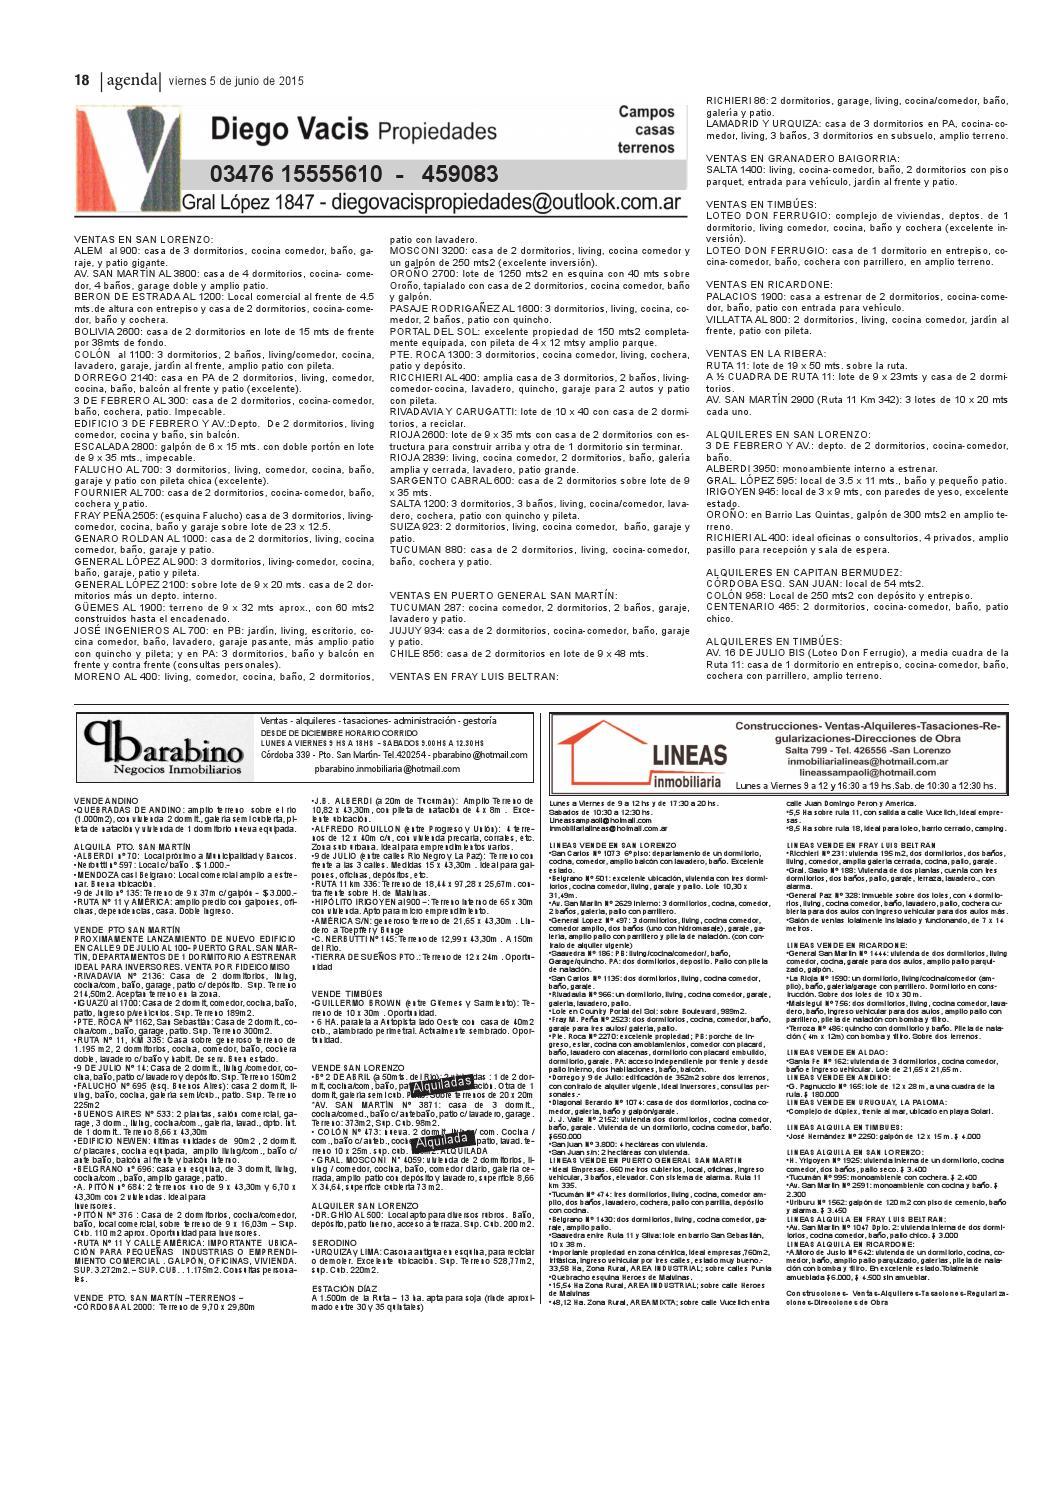 Agenda 360 By Semanario Agenda Issuu